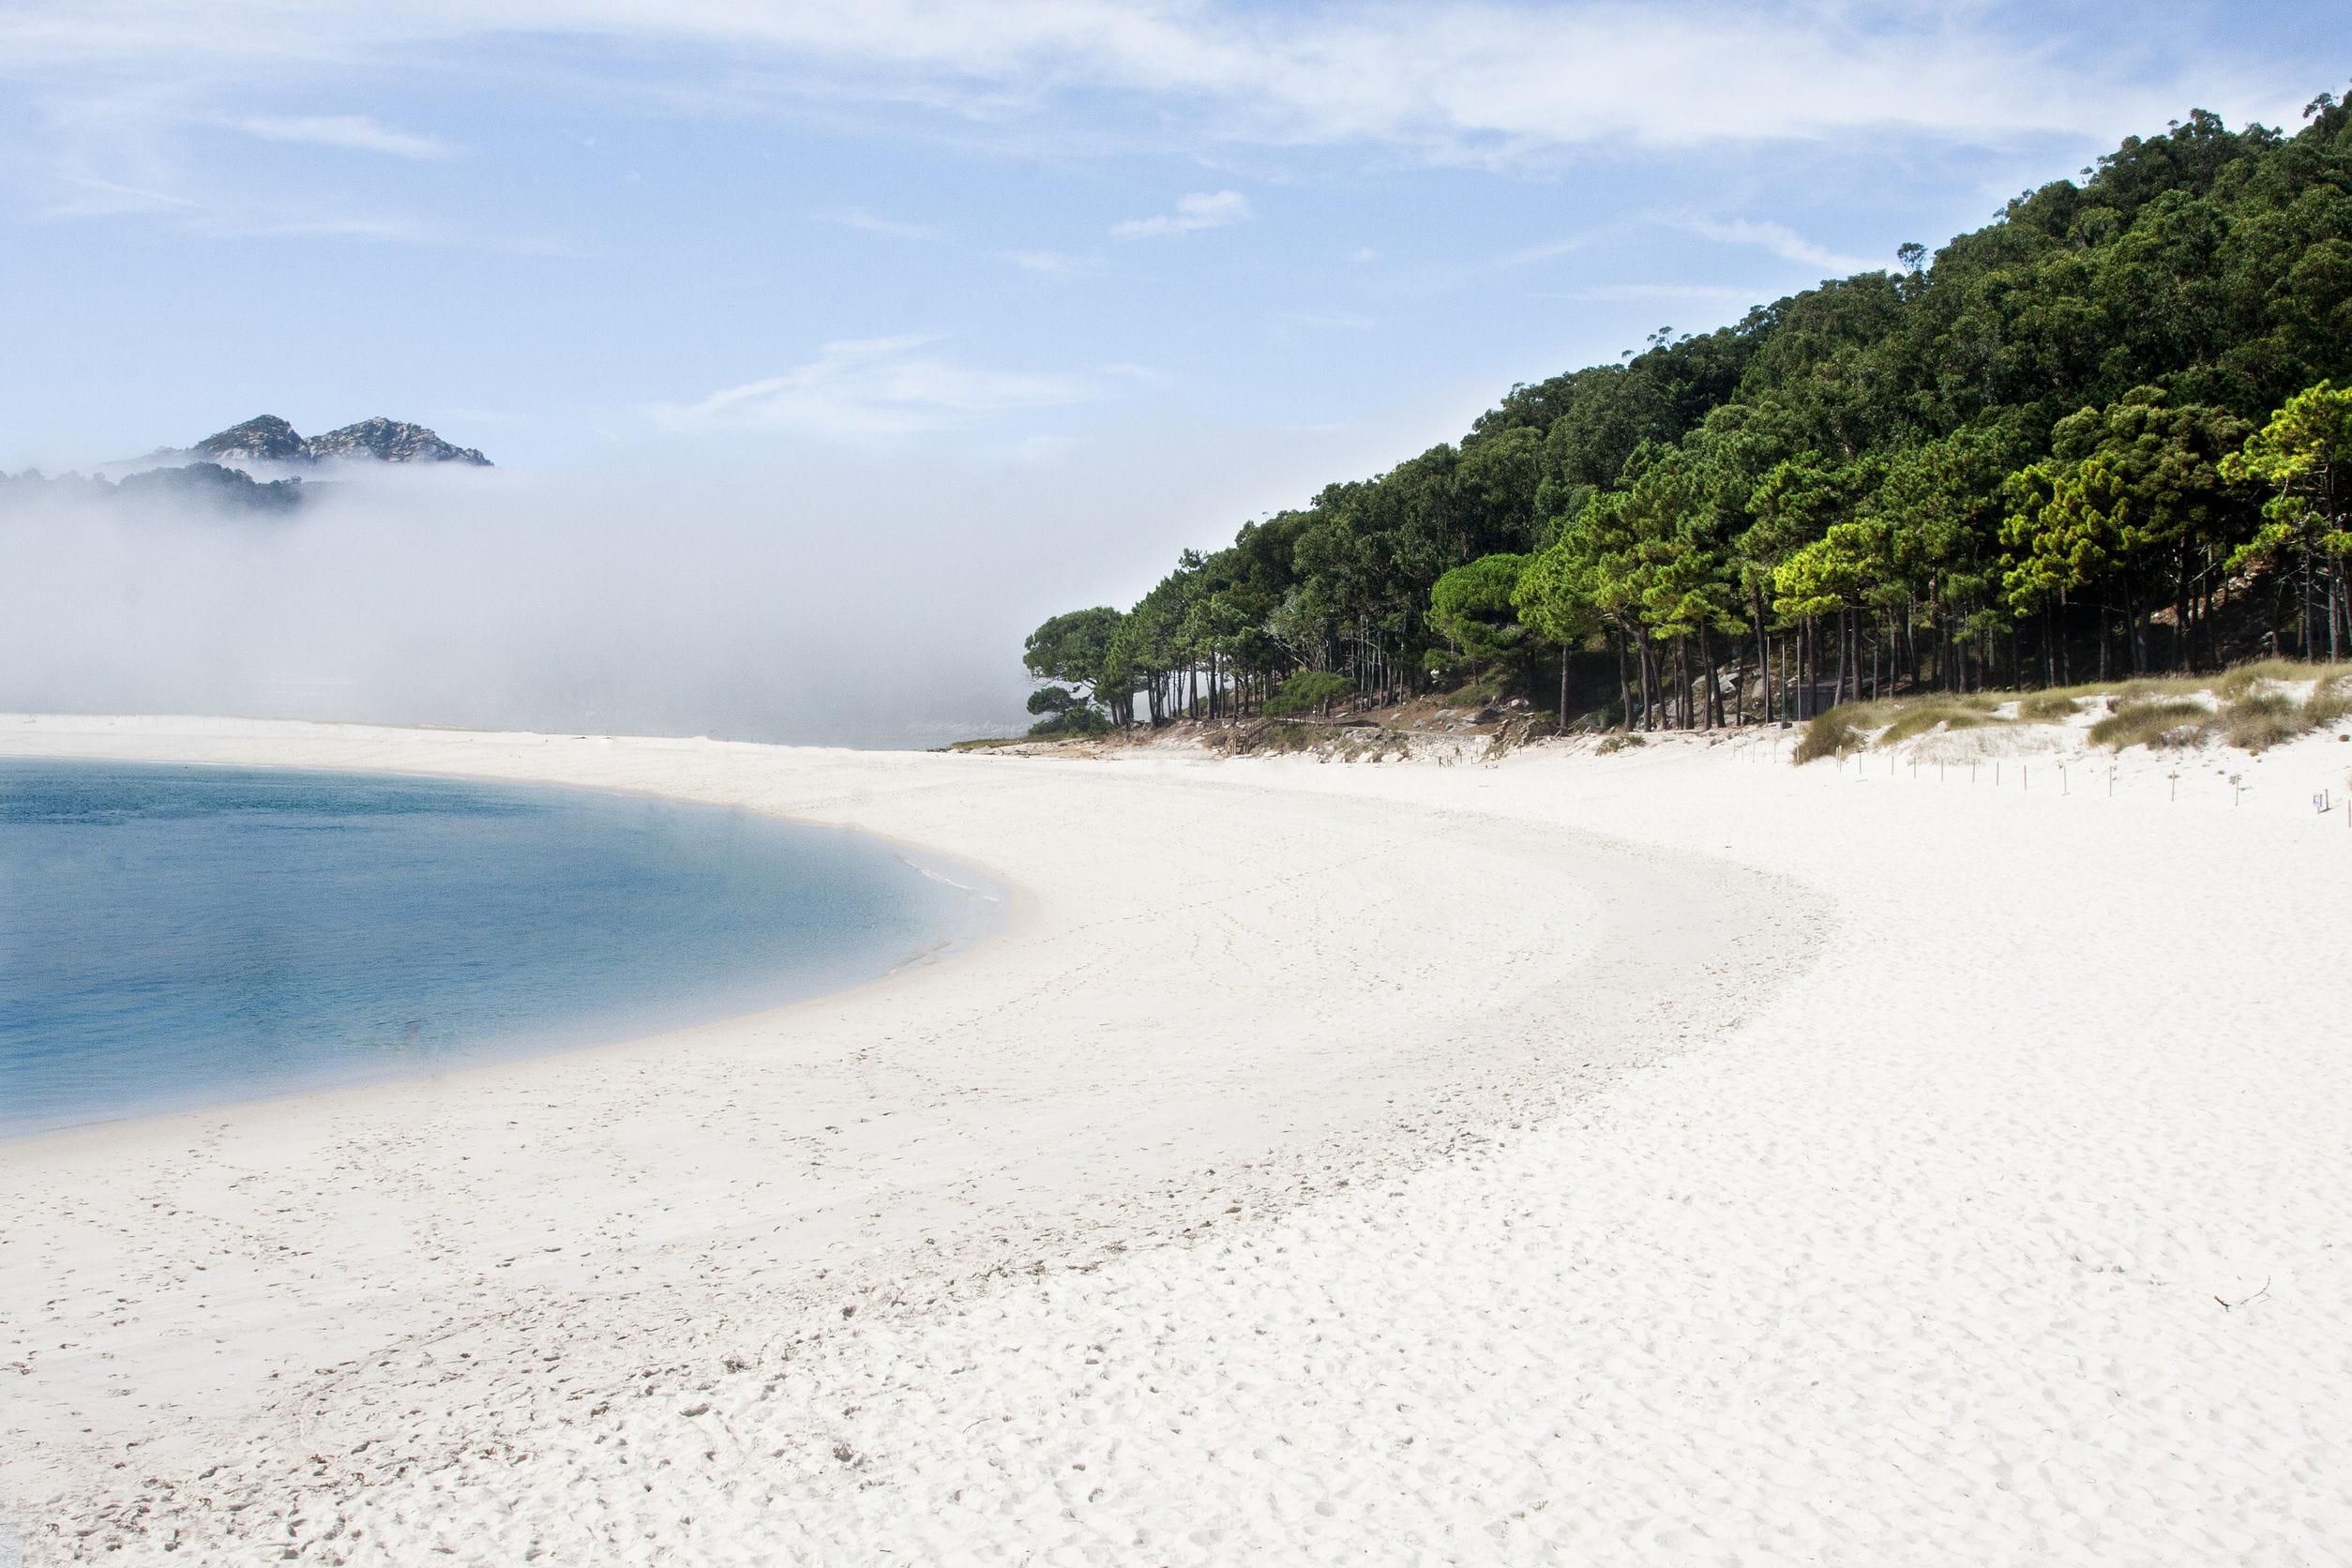 Les îles Cies en Galice : Les plus belles plages d'Europe ...